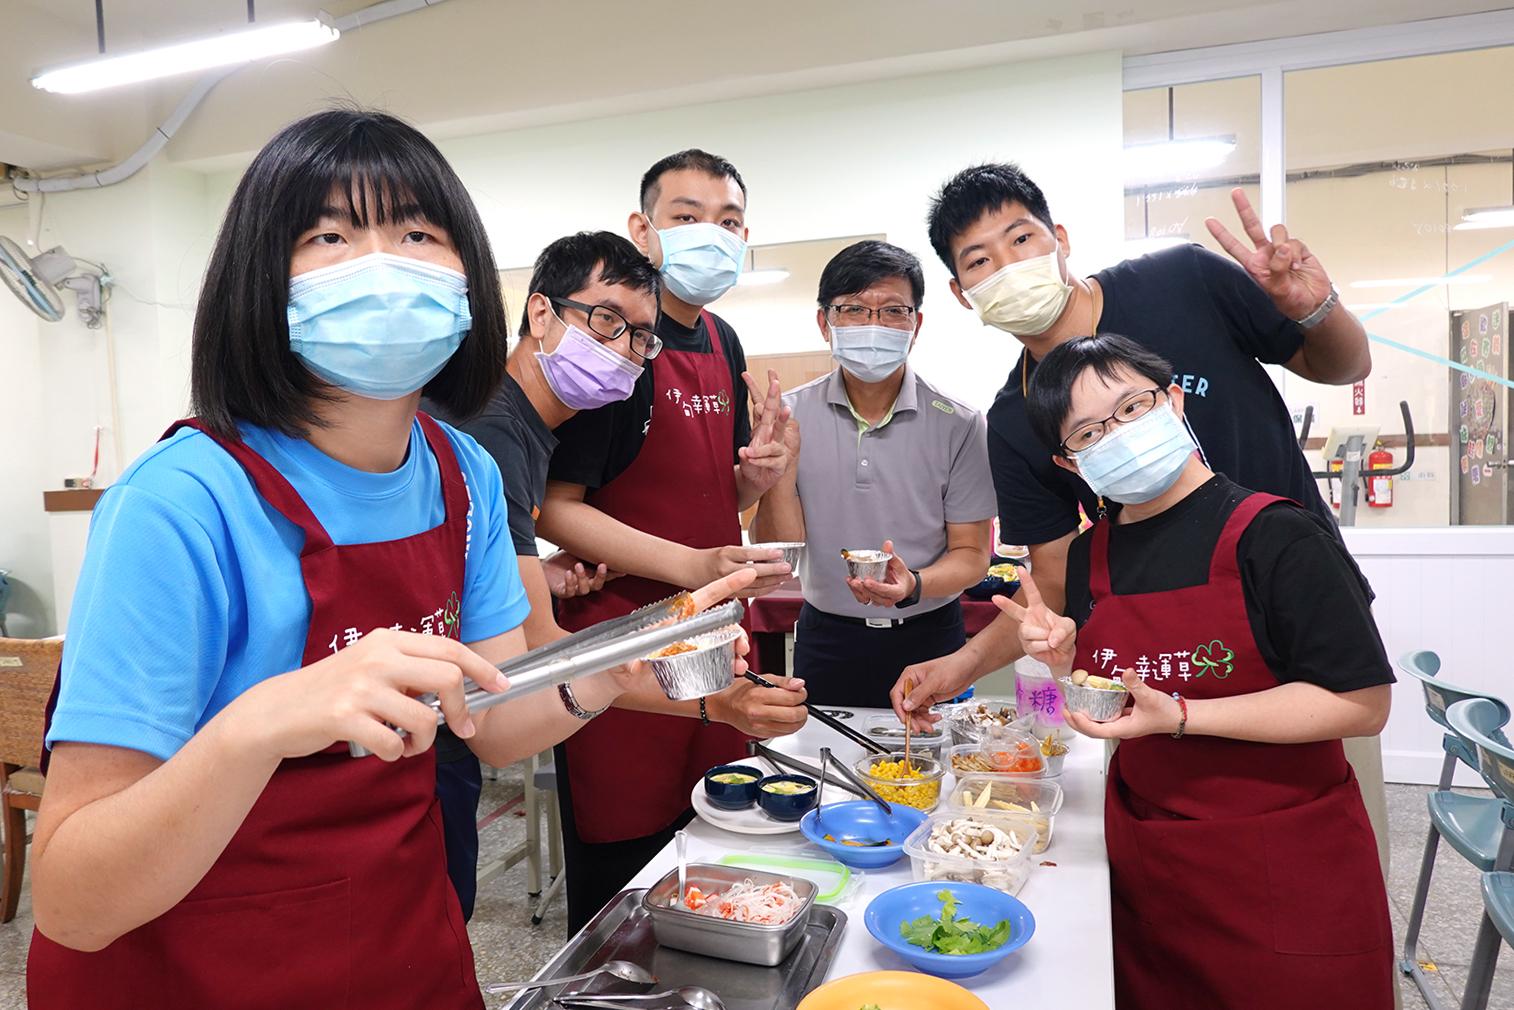 臺鹽副總經理陳世輝(右三)捲起衣袖巧扮料理師傅,教導用「鹽麴」製作熱騰騰的「幸福蒸蛋」料理。